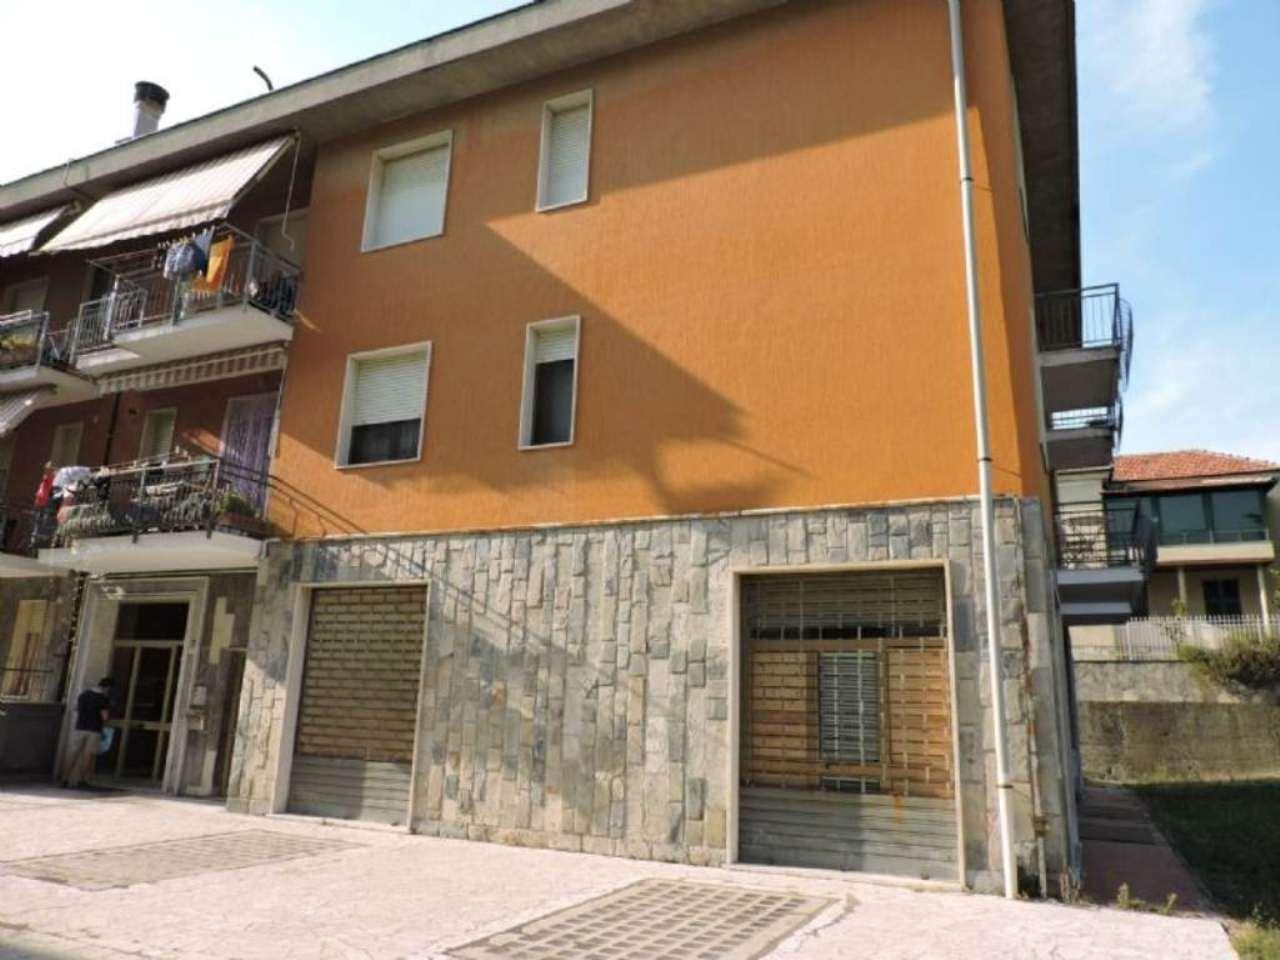 Appartamento in vendita a Bosio, 3 locali, prezzo € 60.000 | CambioCasa.it